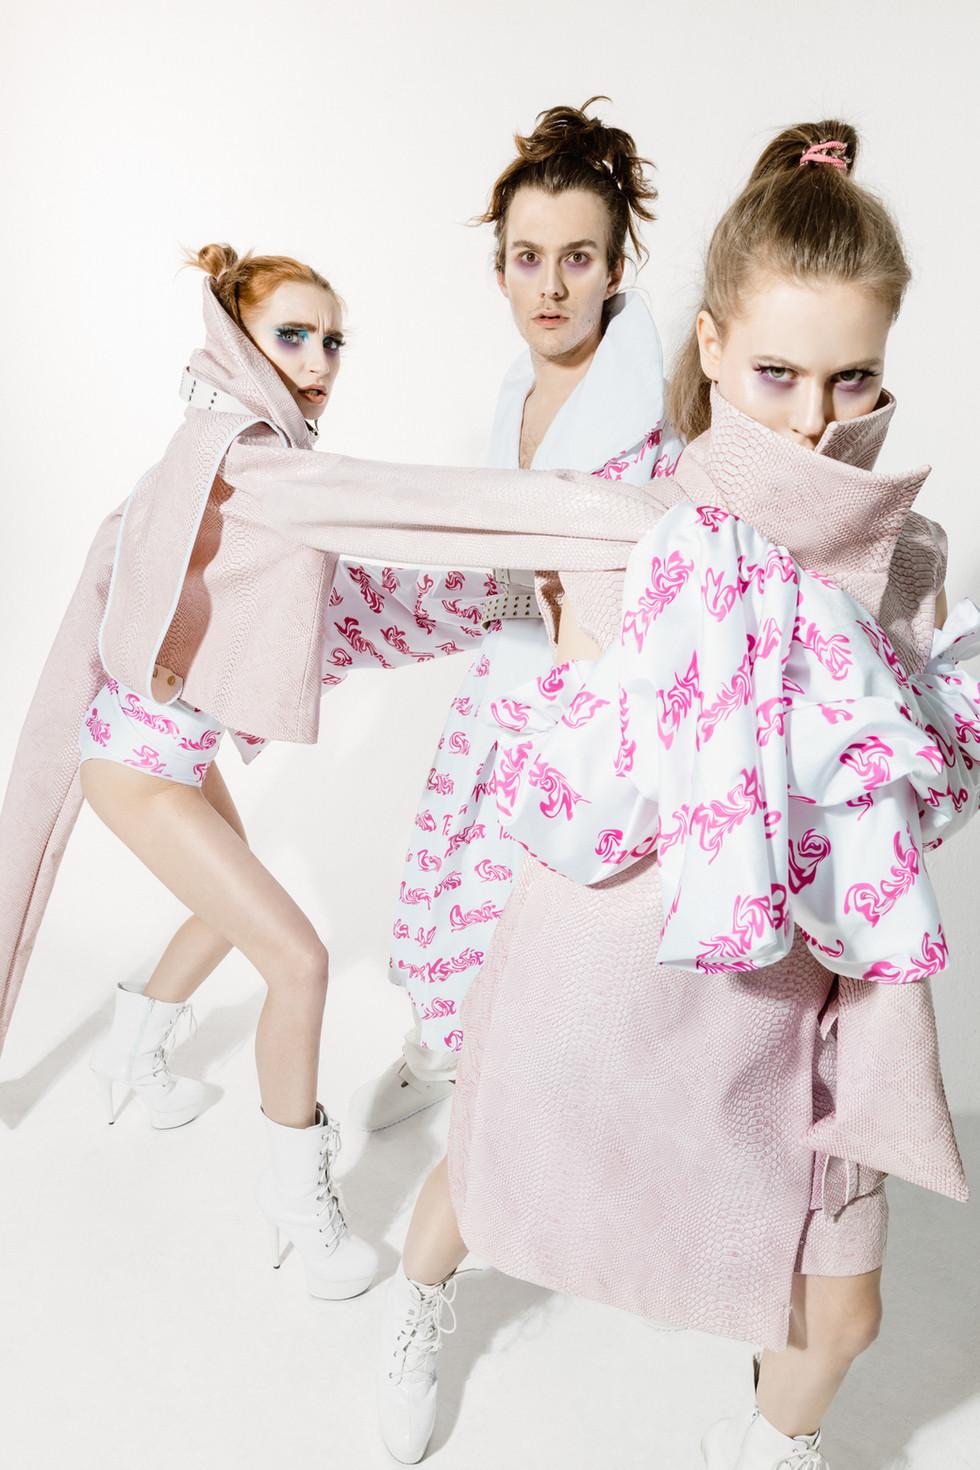 Psycho_Barbie_Low Res_Zensiert-5.jpg